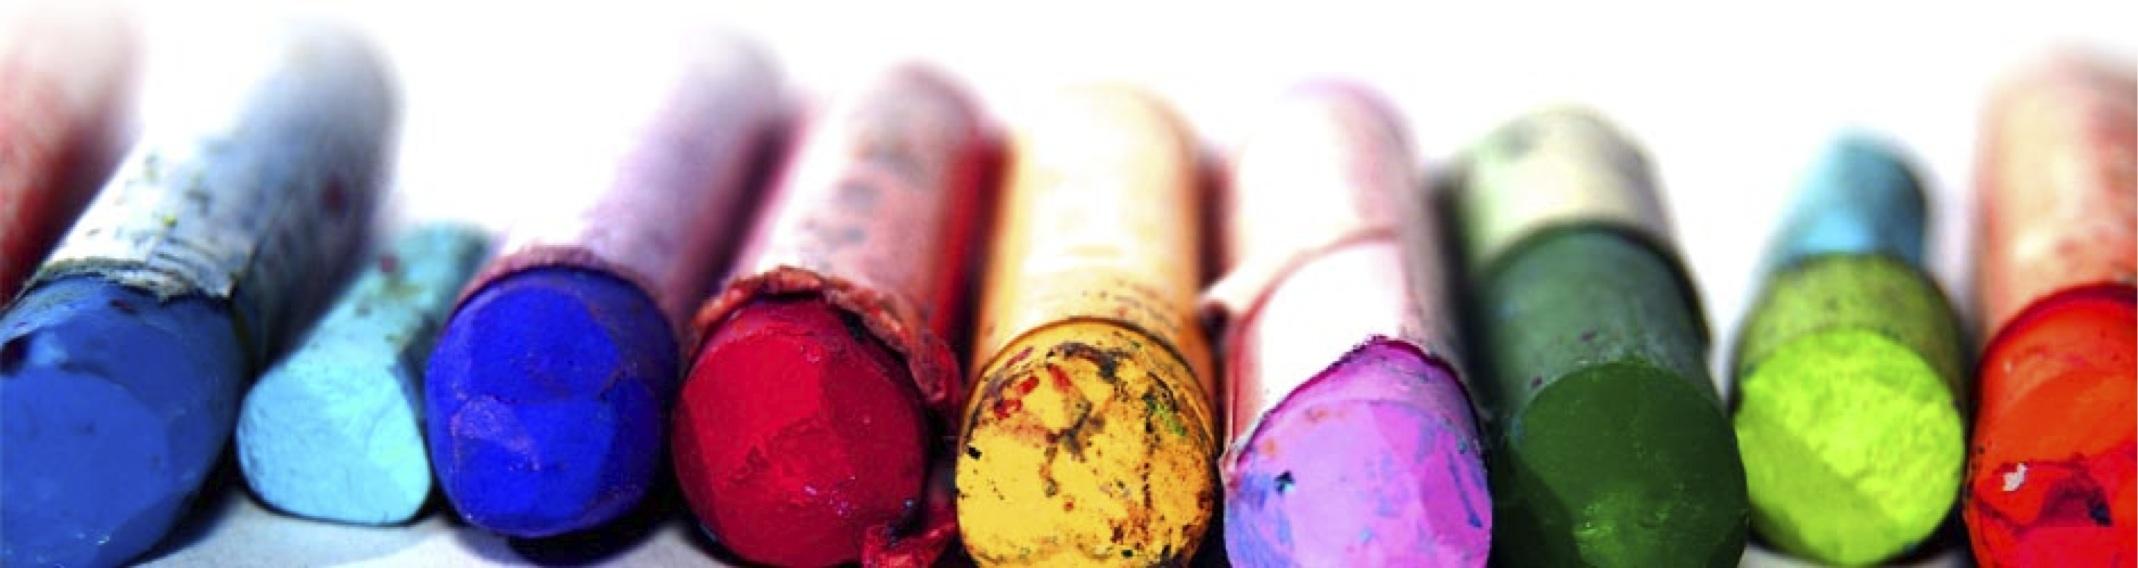 diversidad colores